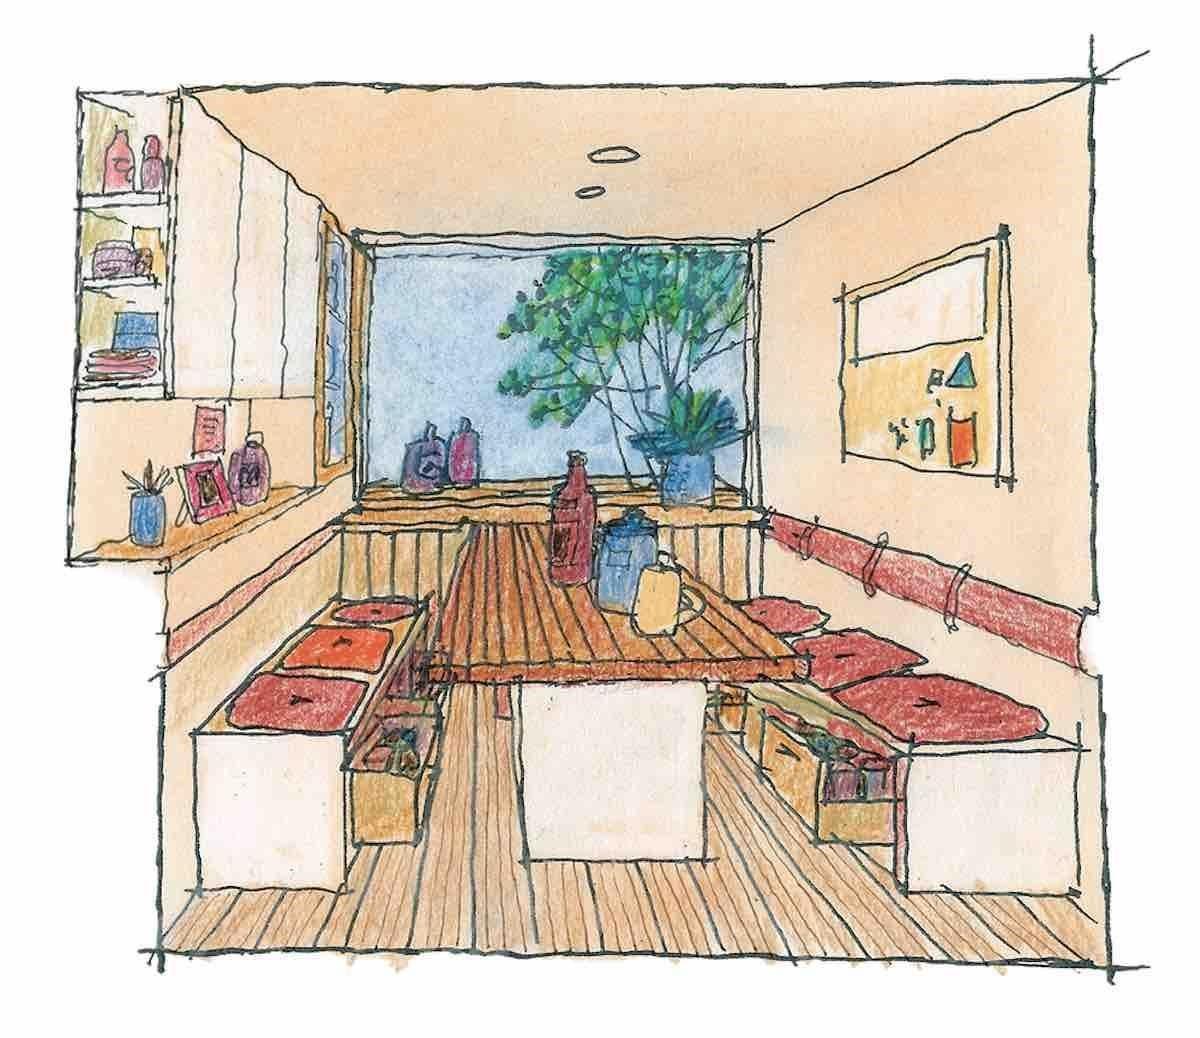 用餐室-透視圖  圖片提供_漂亮家居麥浩斯